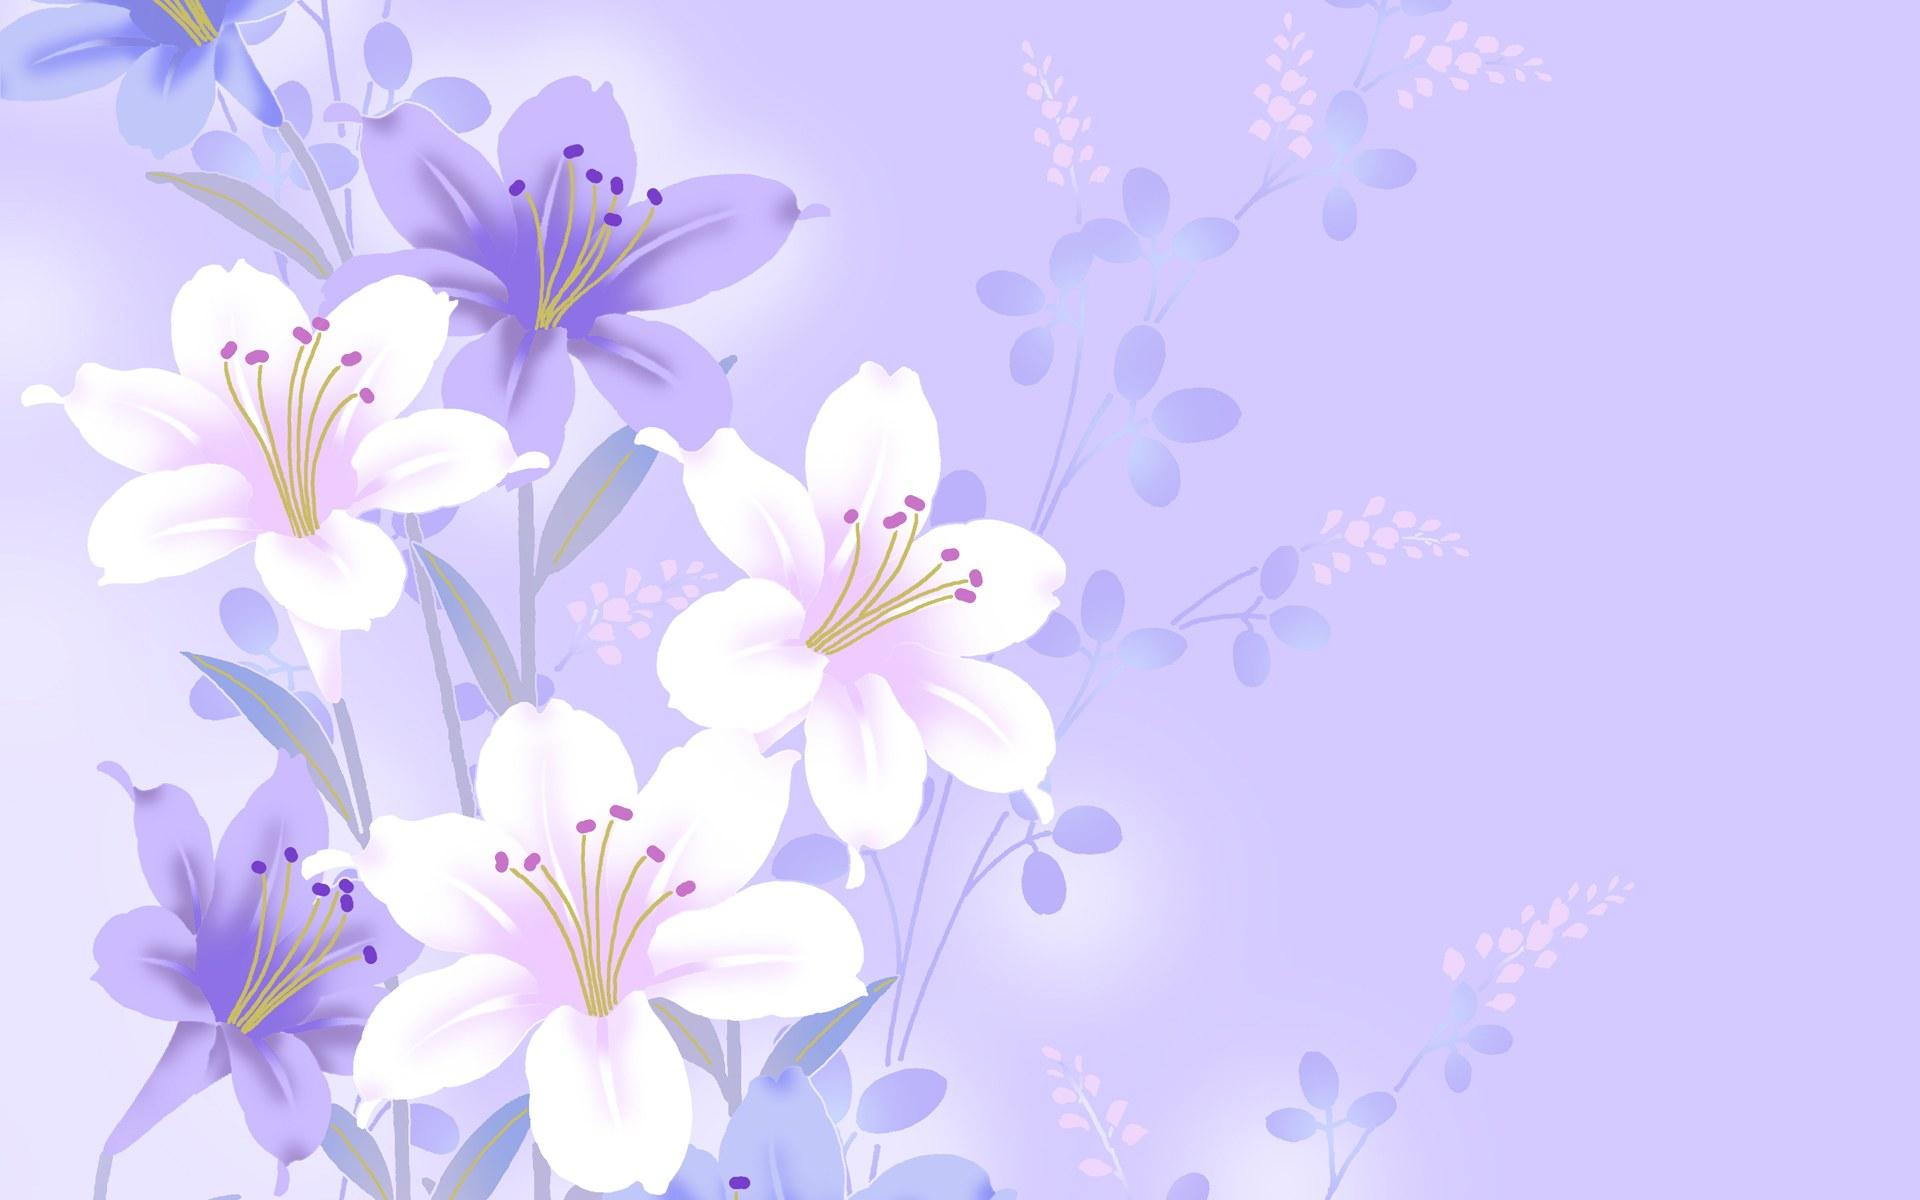 Background wallpaper flowers svg freeuse Flowers Background Wallpapers, Flowers Wallpapers (30+) | Download ... svg freeuse